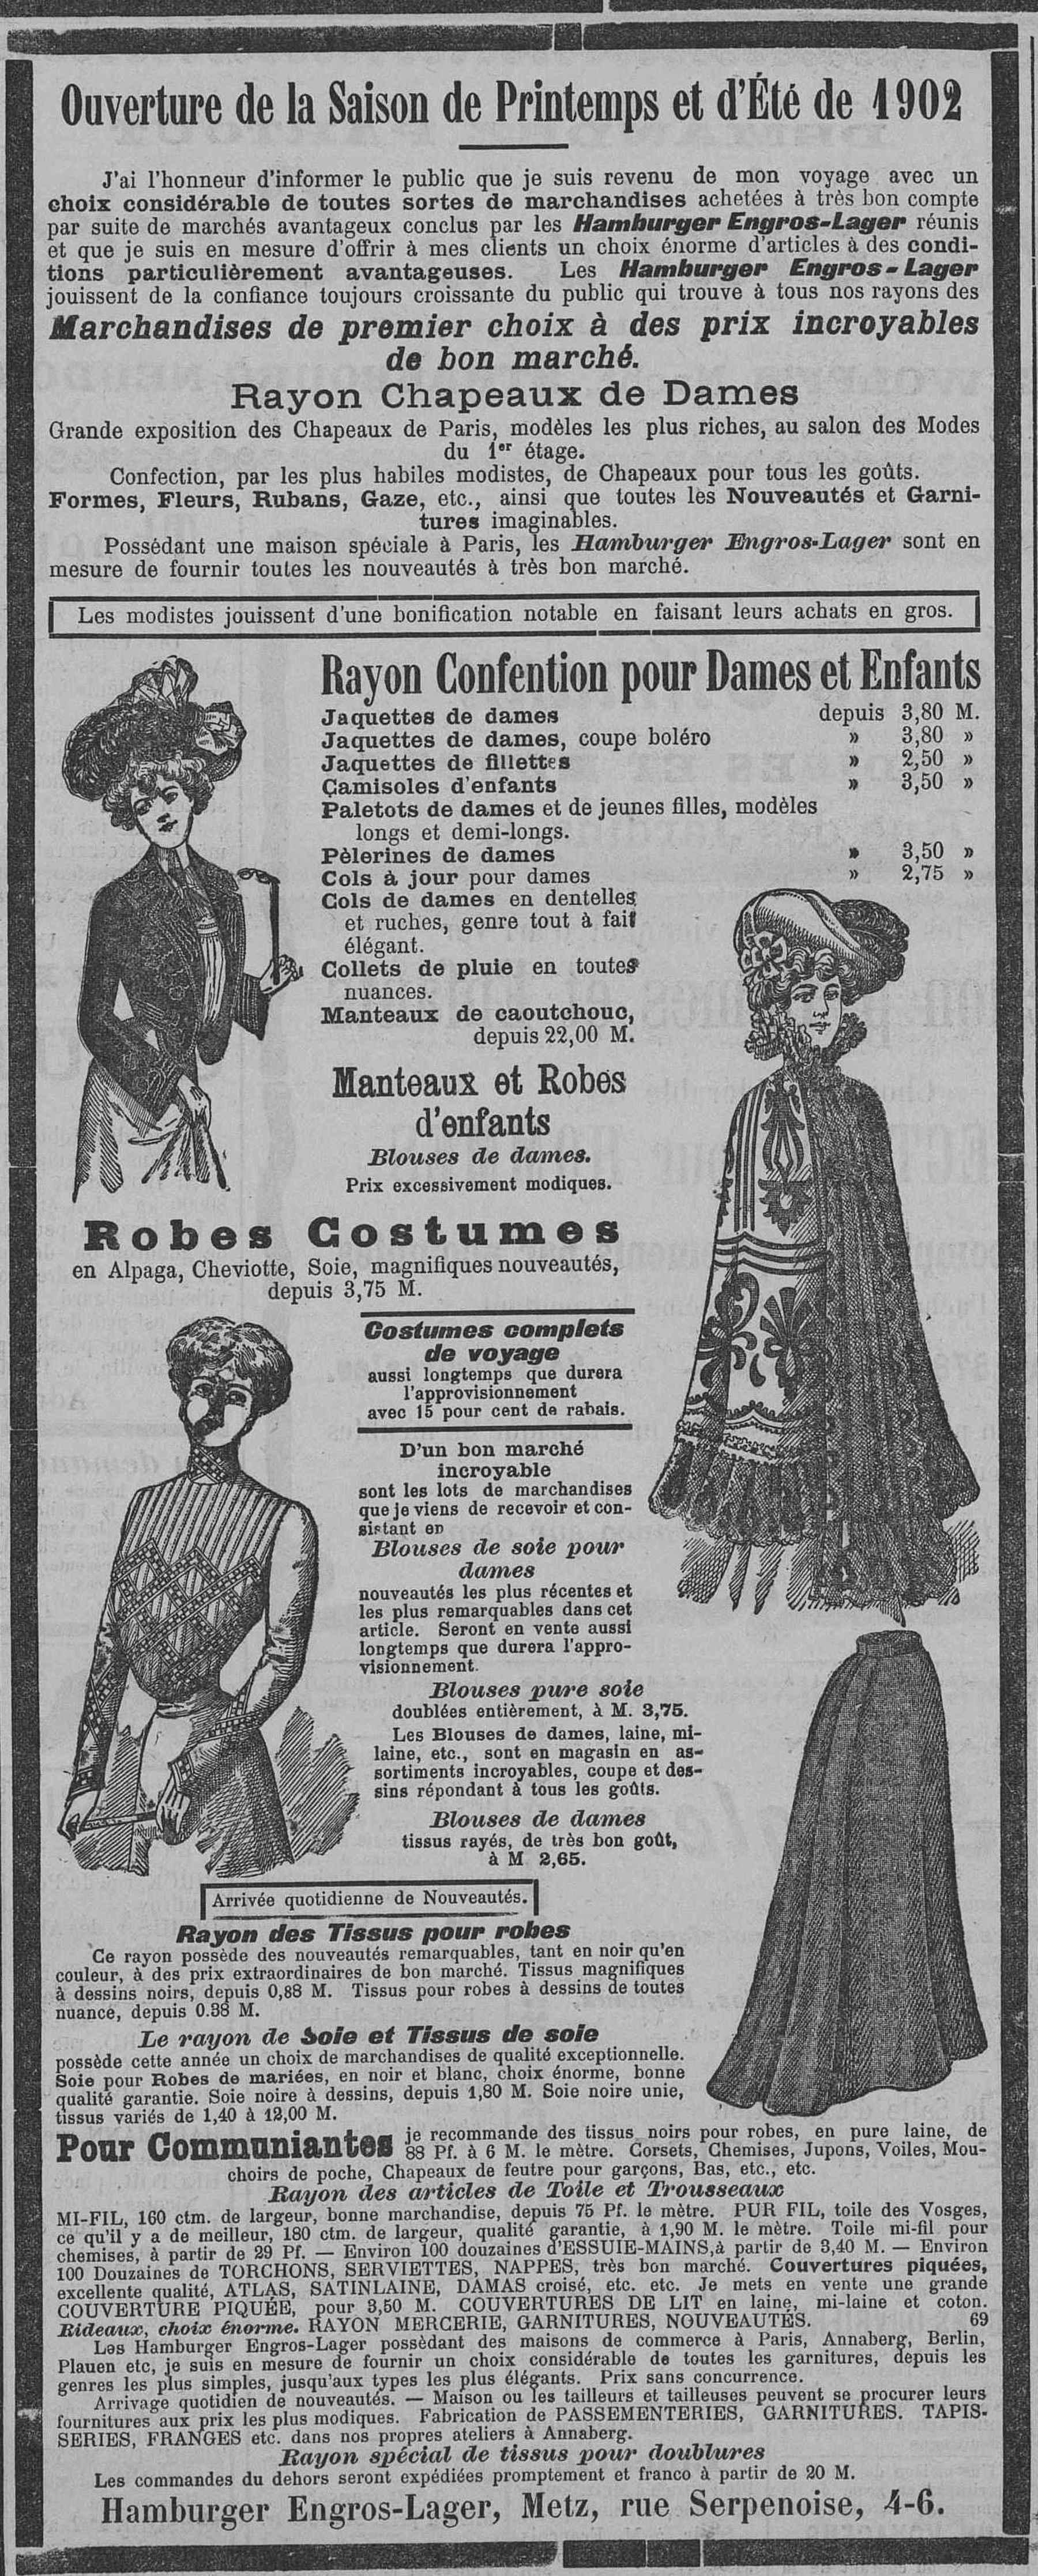 Contenu du Hamburger Engros-Lager. Ouverture de la saison de Printemps et d'Éte 1902